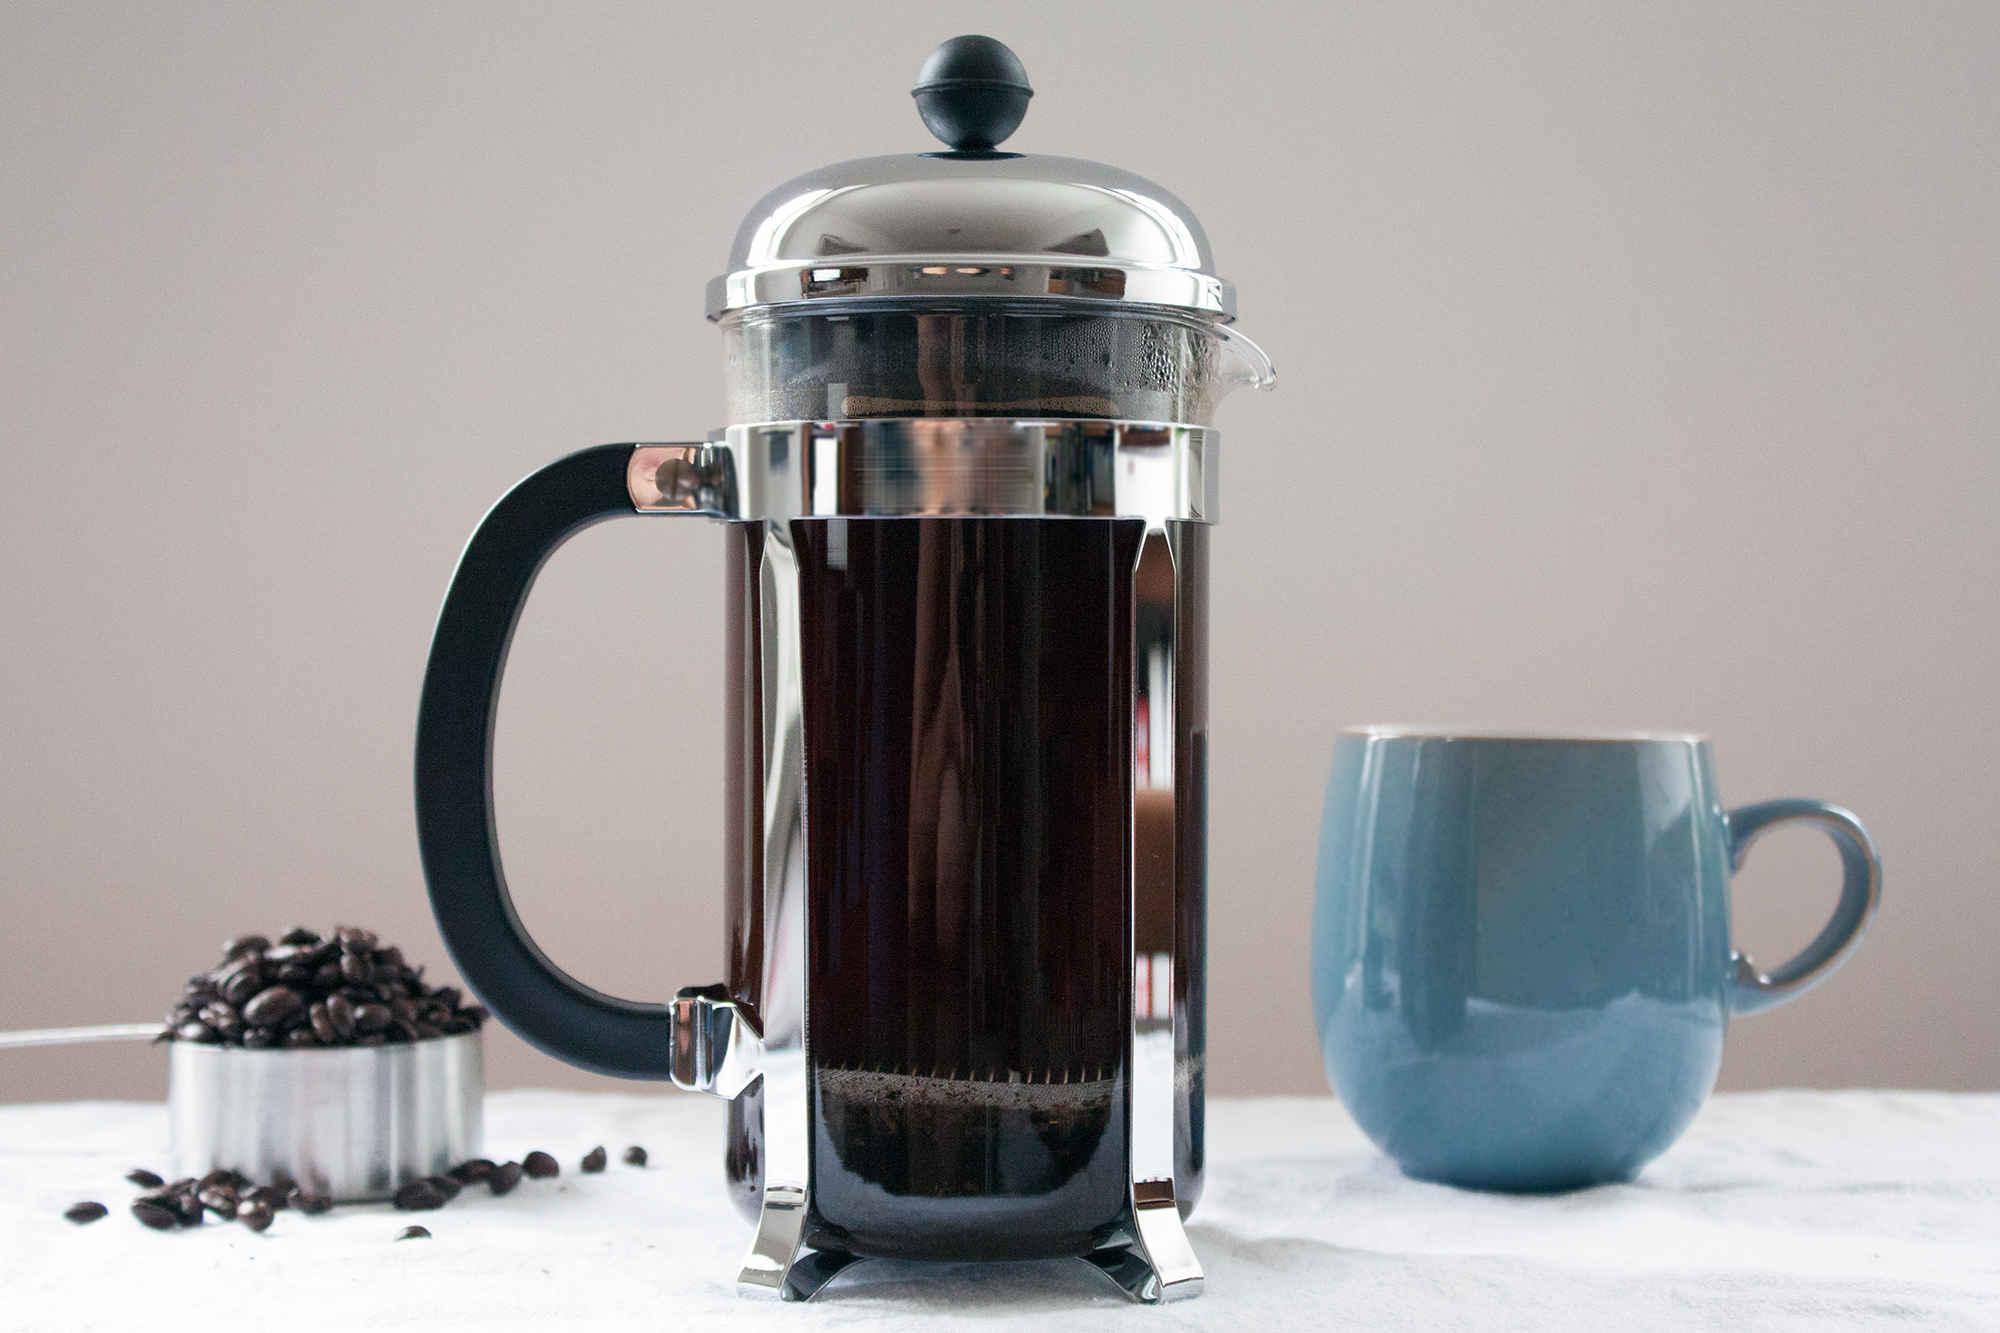 Pha chế cafe bằng bình French Press